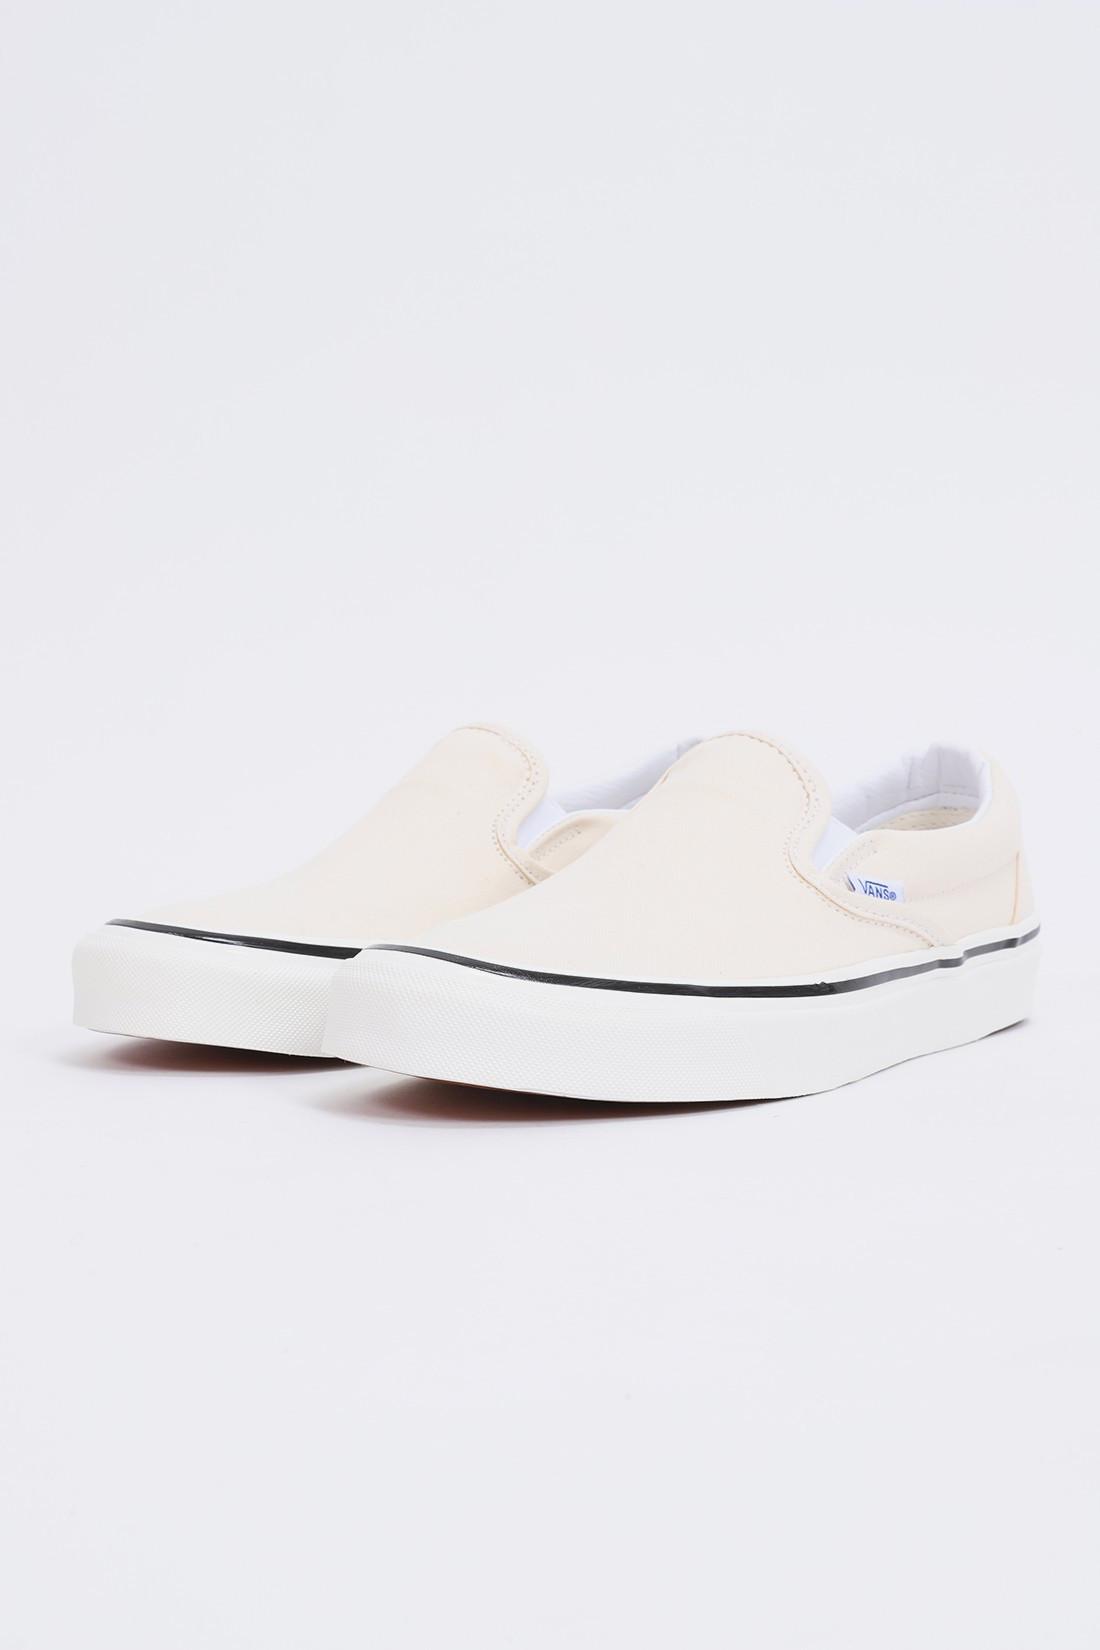 VANS / Classic slip-on 98 dx Og white